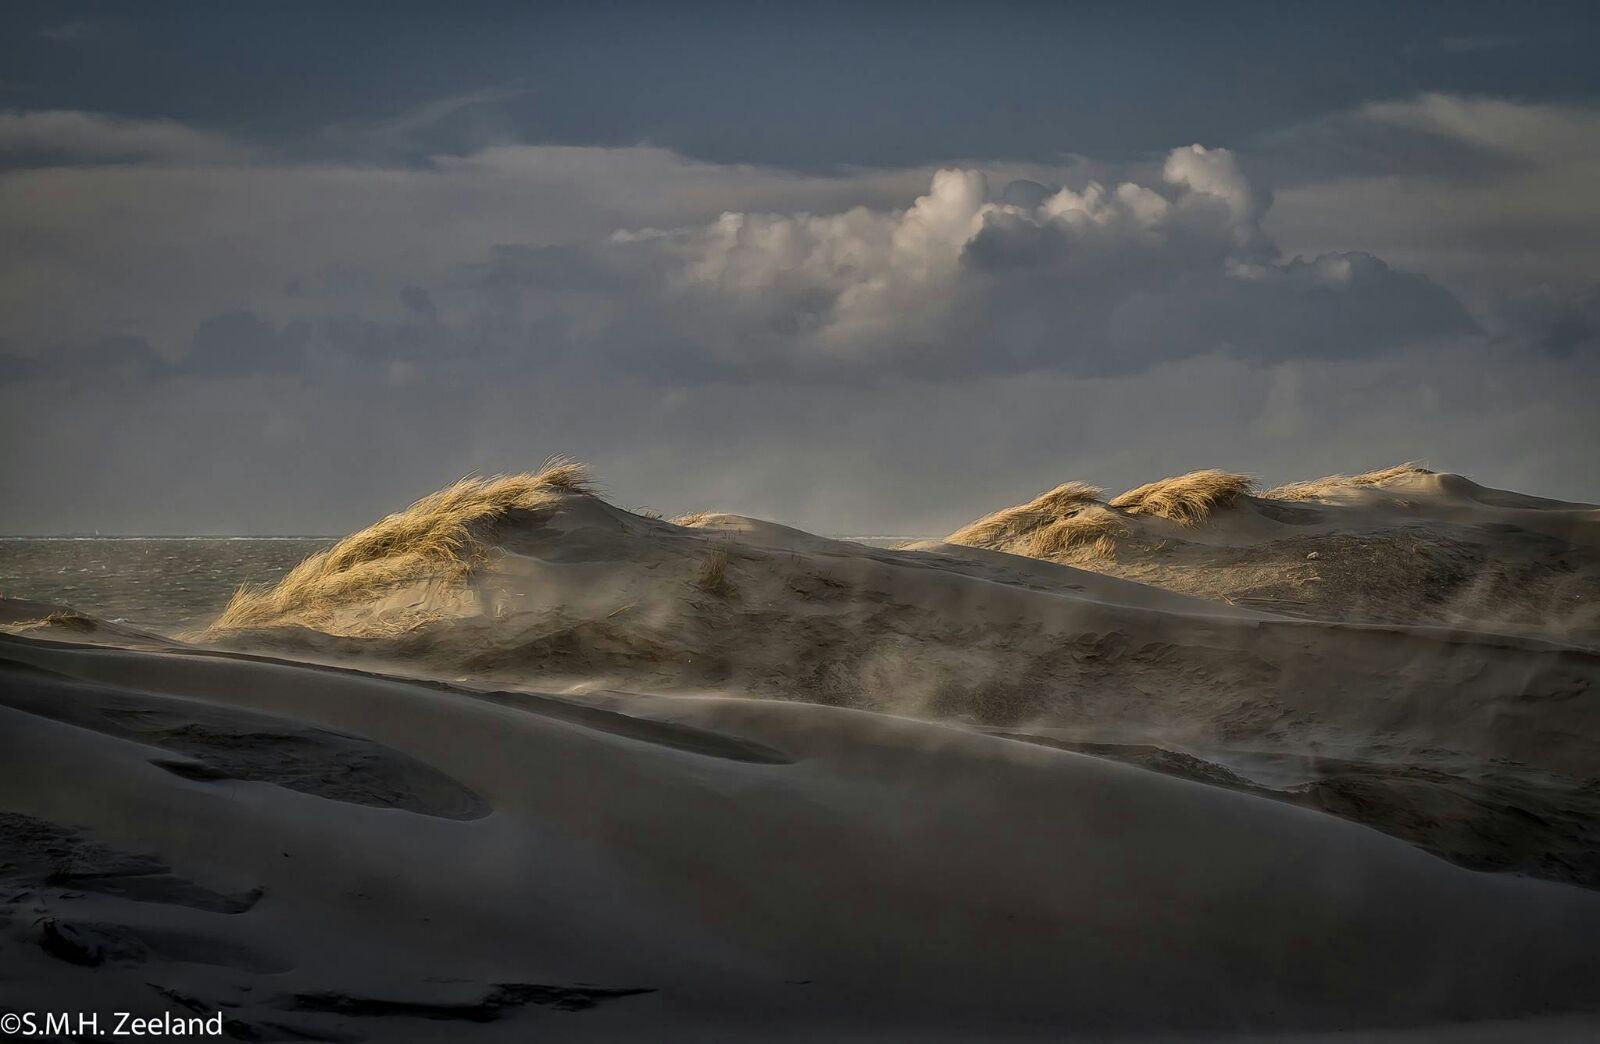 Las dunas en la distancia parecen sabanas acariciadas por el viento